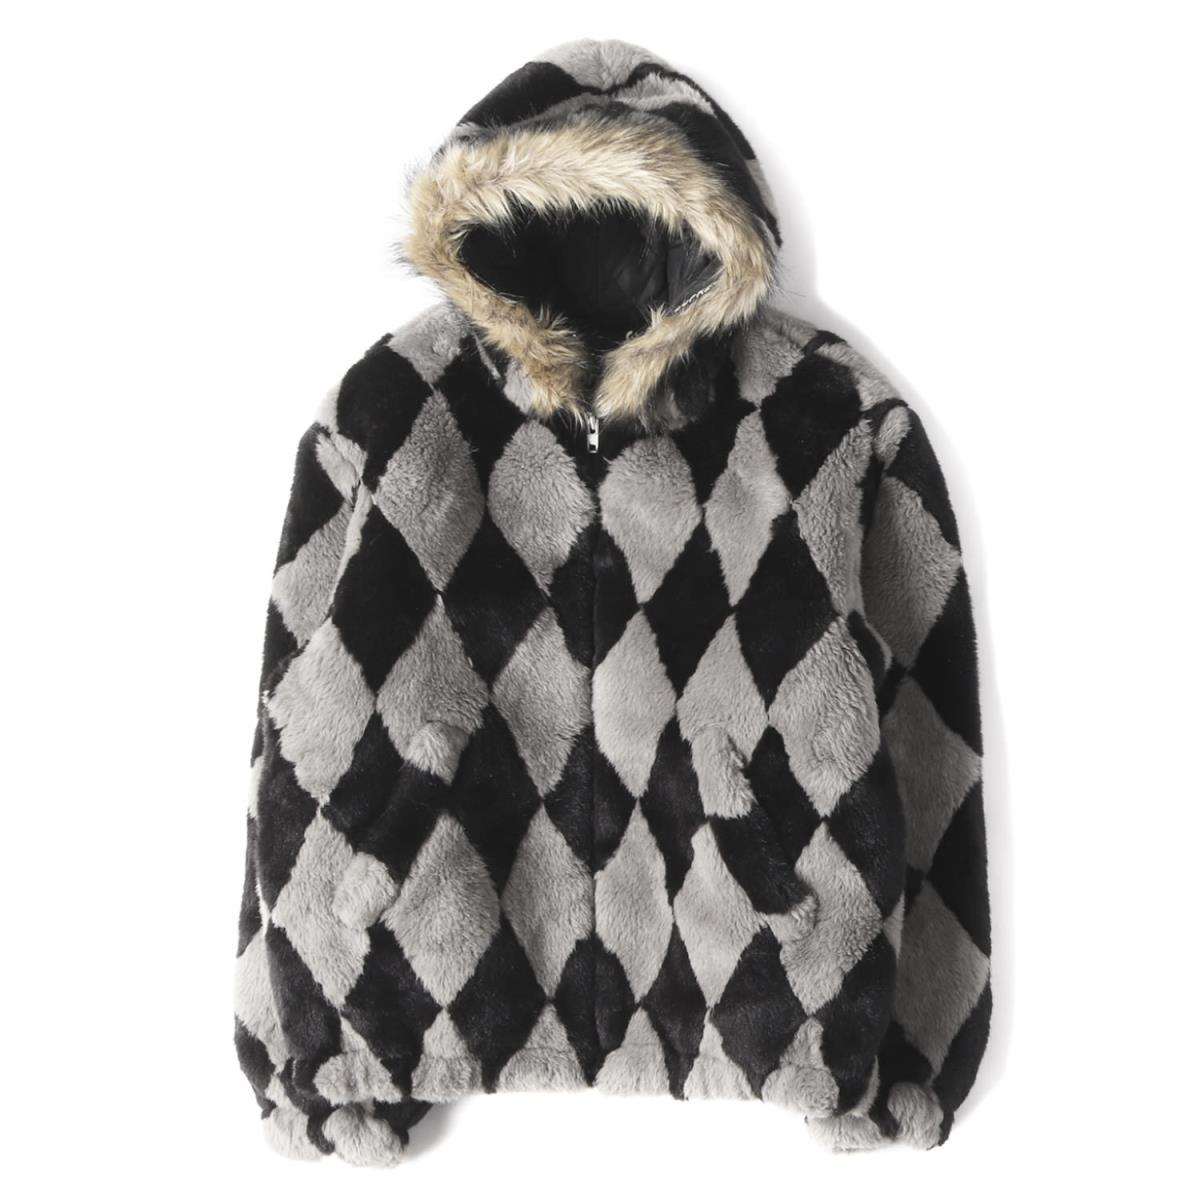 Supreme シュプリーム ジャケット 18AW ダイヤモンド柄 フェイクファー ジャケット Diamond Faux Fur Jacket グレー×ブラック 【メンズ】【美品】【中古】【K2552】